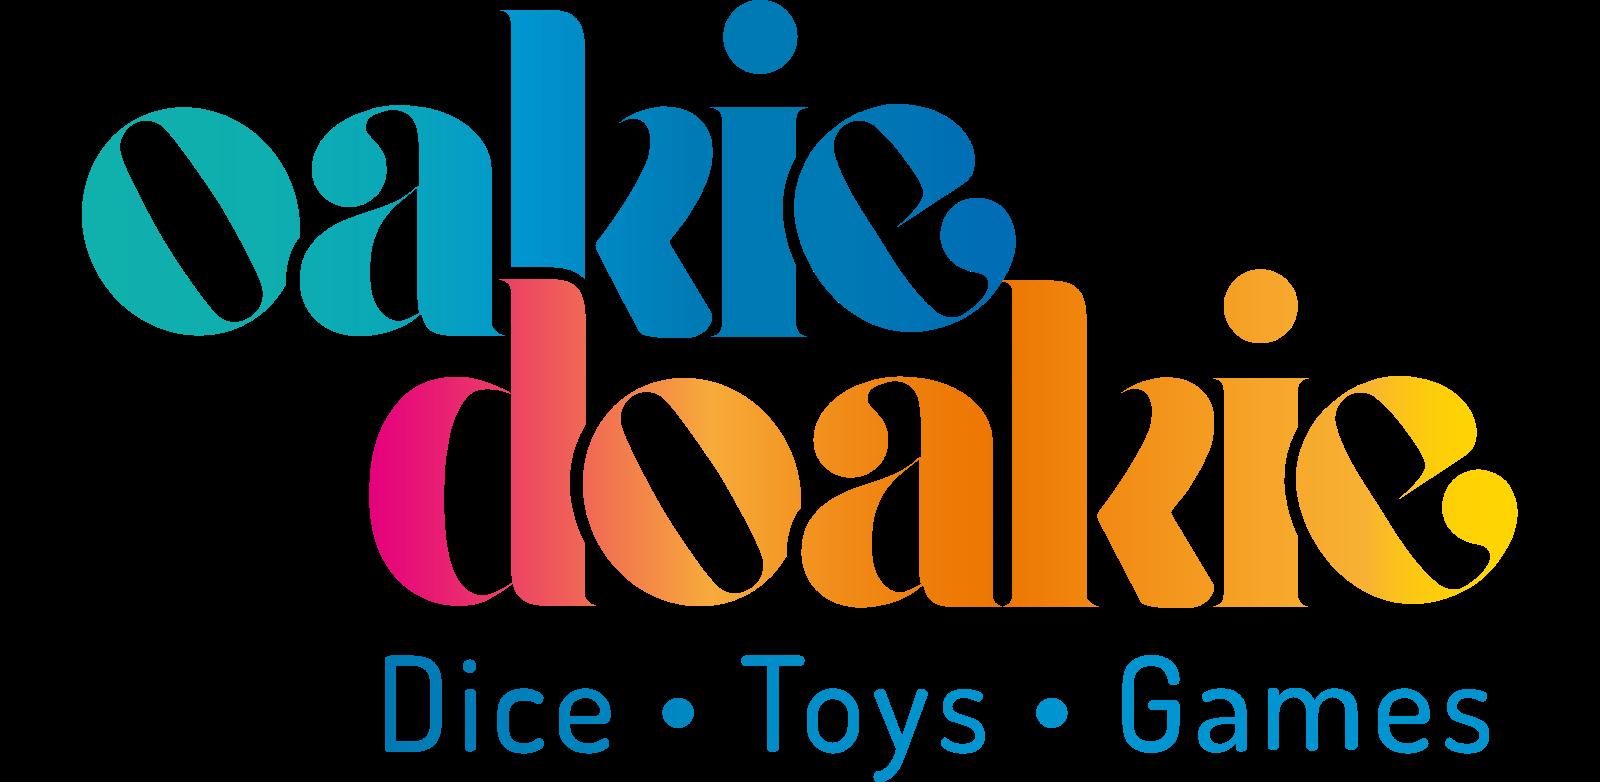 oakie doakie DICE